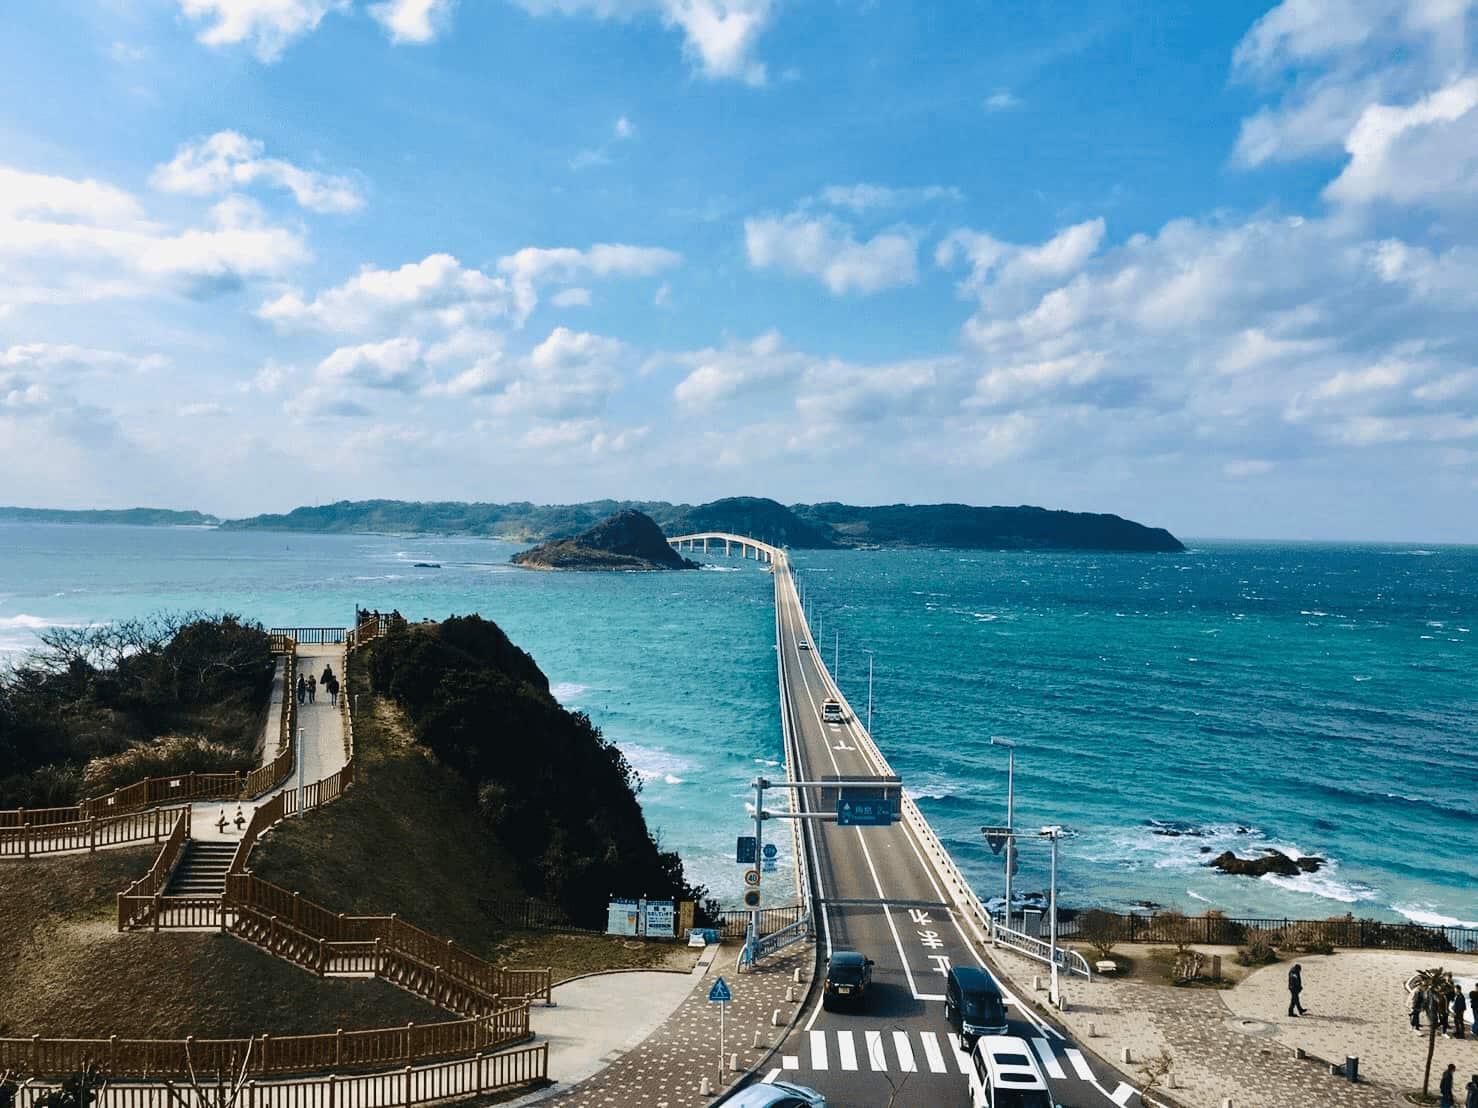 일본에서 렌트카로 드라이빙  코스 추천 10선